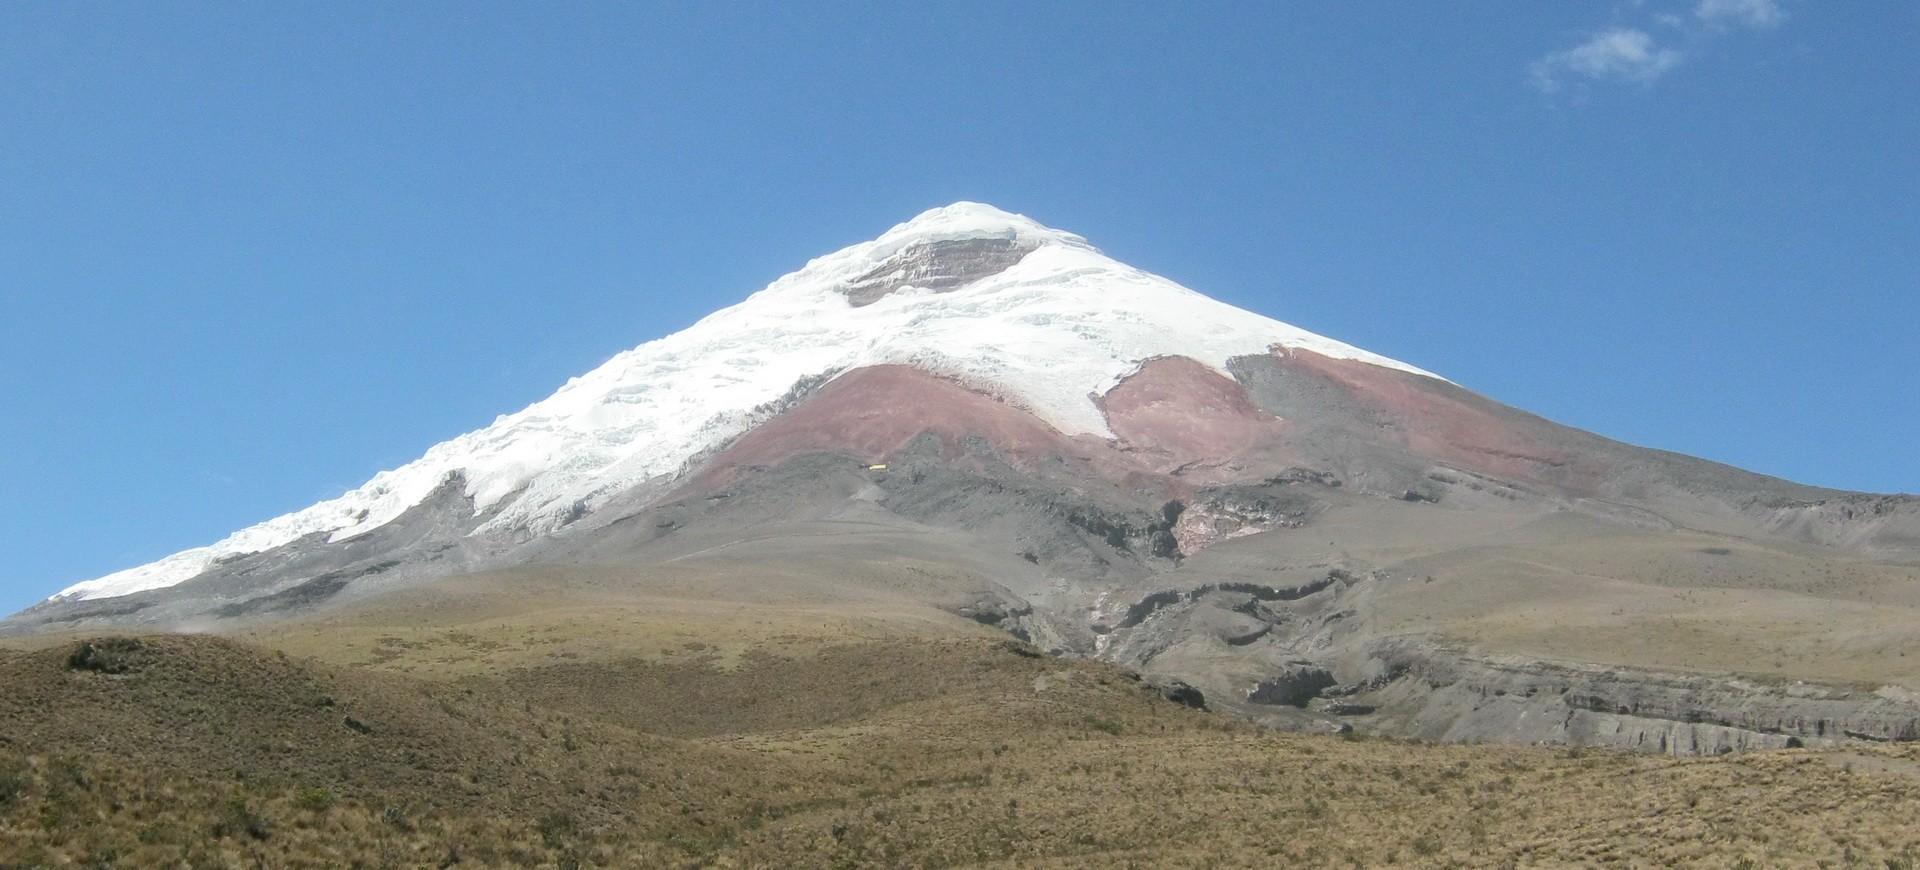 Le volcan Cotopaxi en Equateur